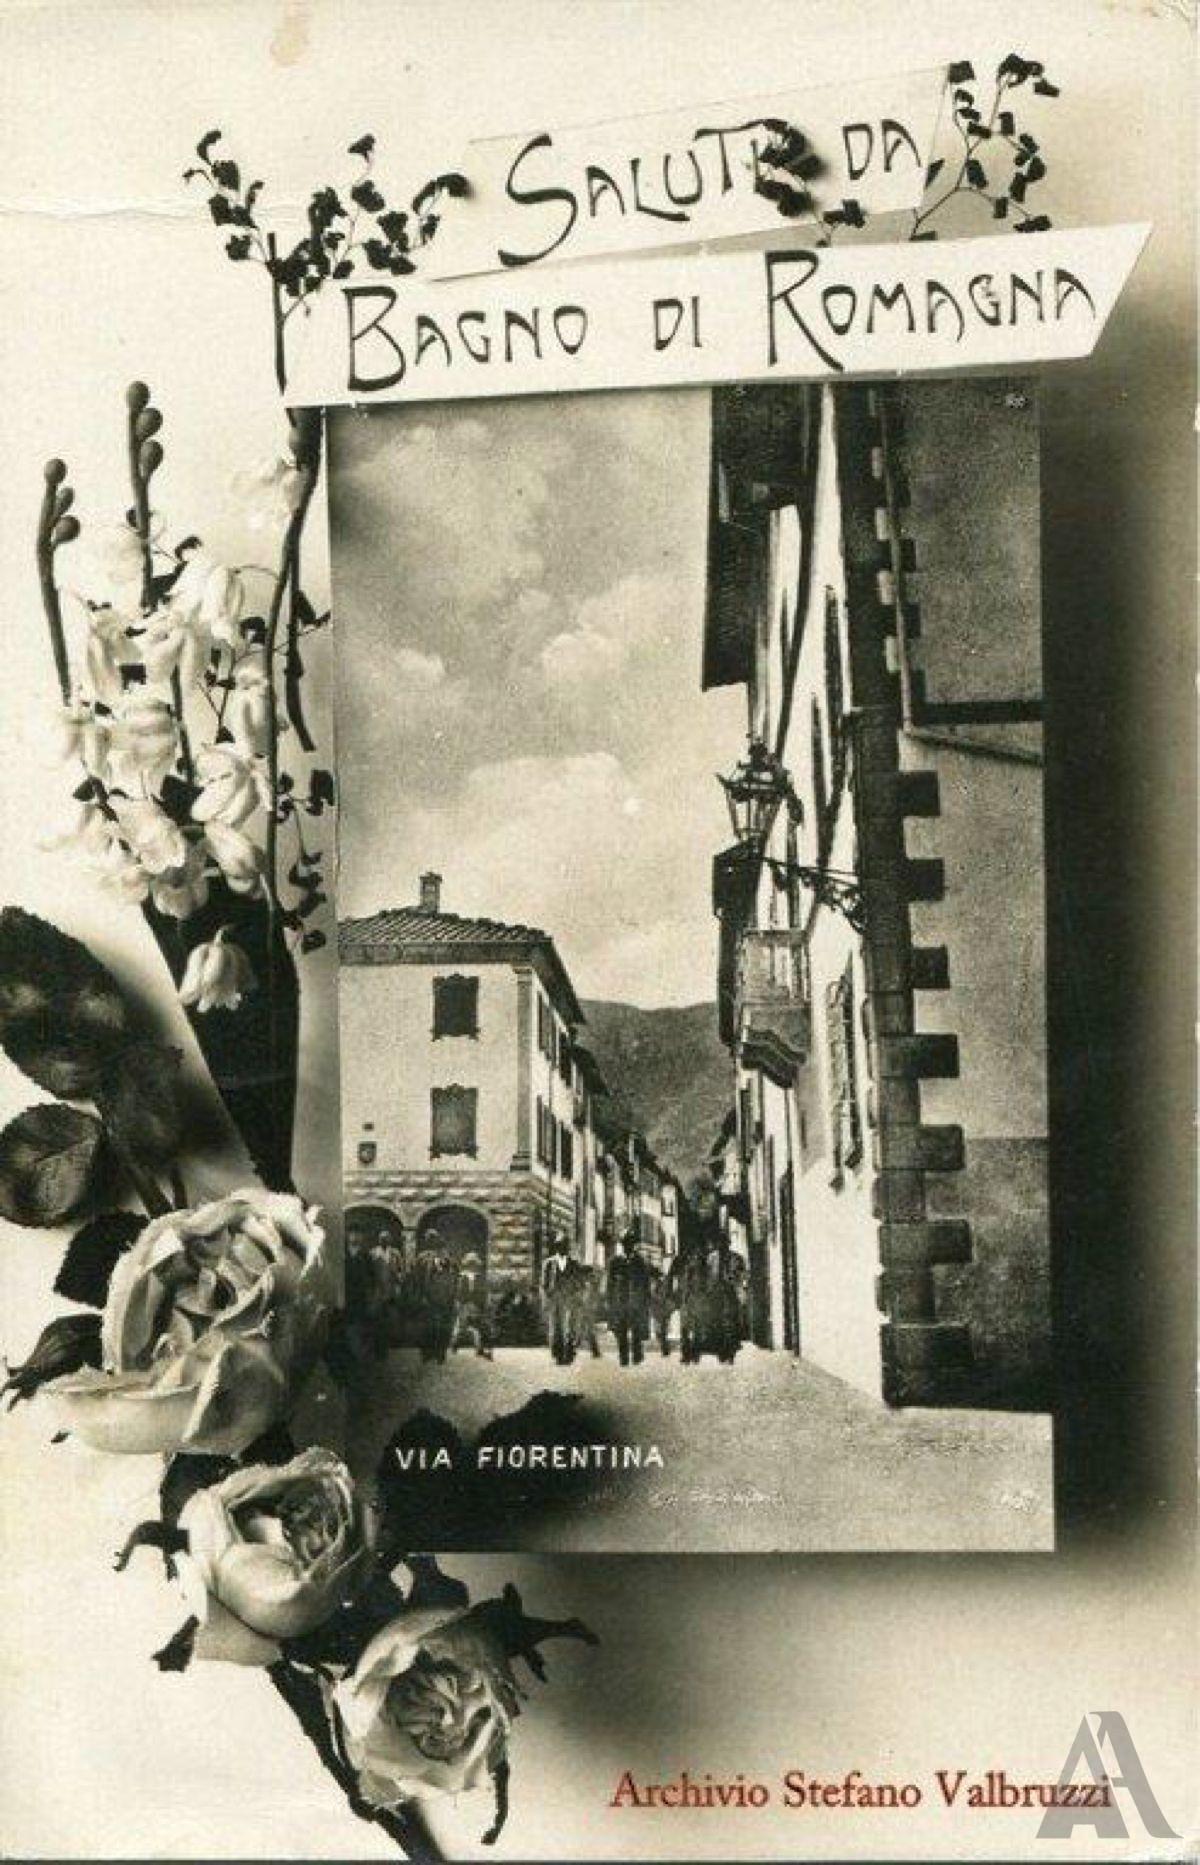 Cartolina – B/N, lucido, da lastra, cm 14x9, con ornato floreale a sinistra.